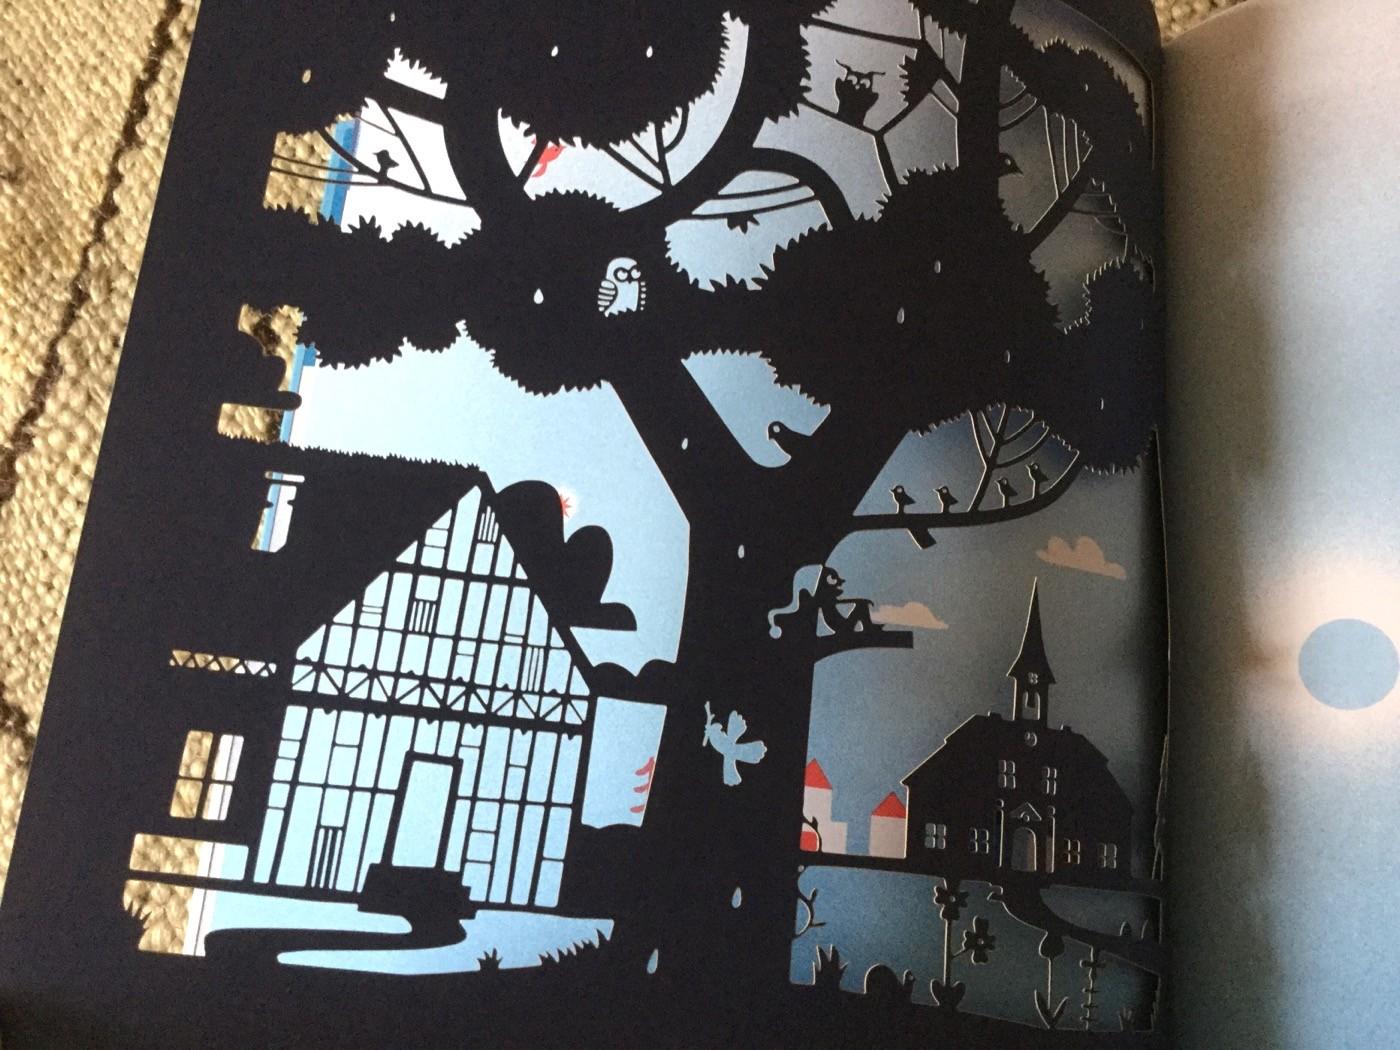 IL MERAVIGLIOSO VIAGGIO DI NILS HOLGERSSON tratto dal romanzo di Selma Lagerlöf - Olivier Latyk - Gallucci - 2016